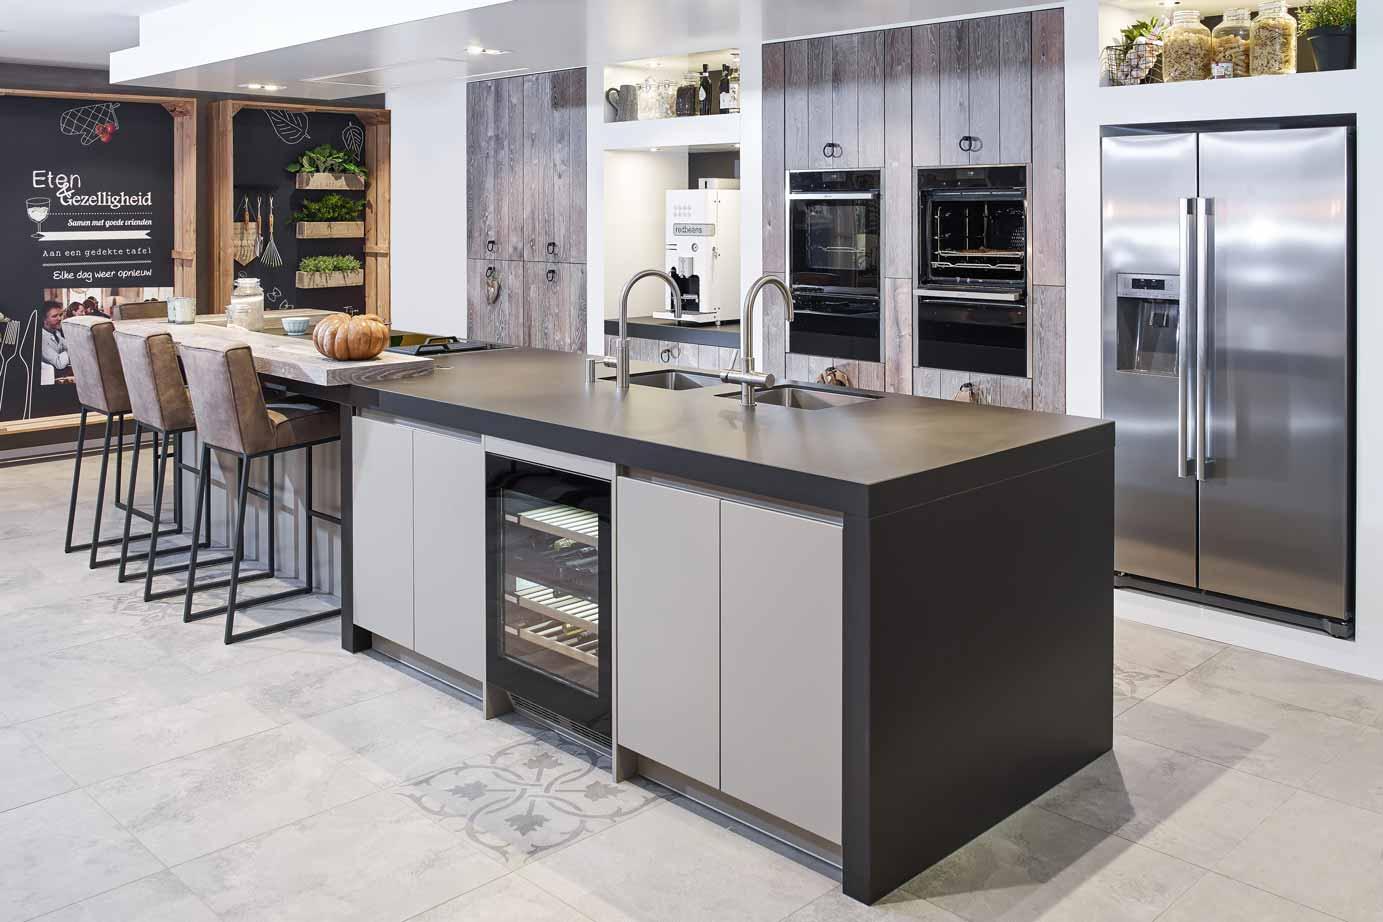 Luxe landelijk modern keukeneiland bekijk foto s en prijzen db